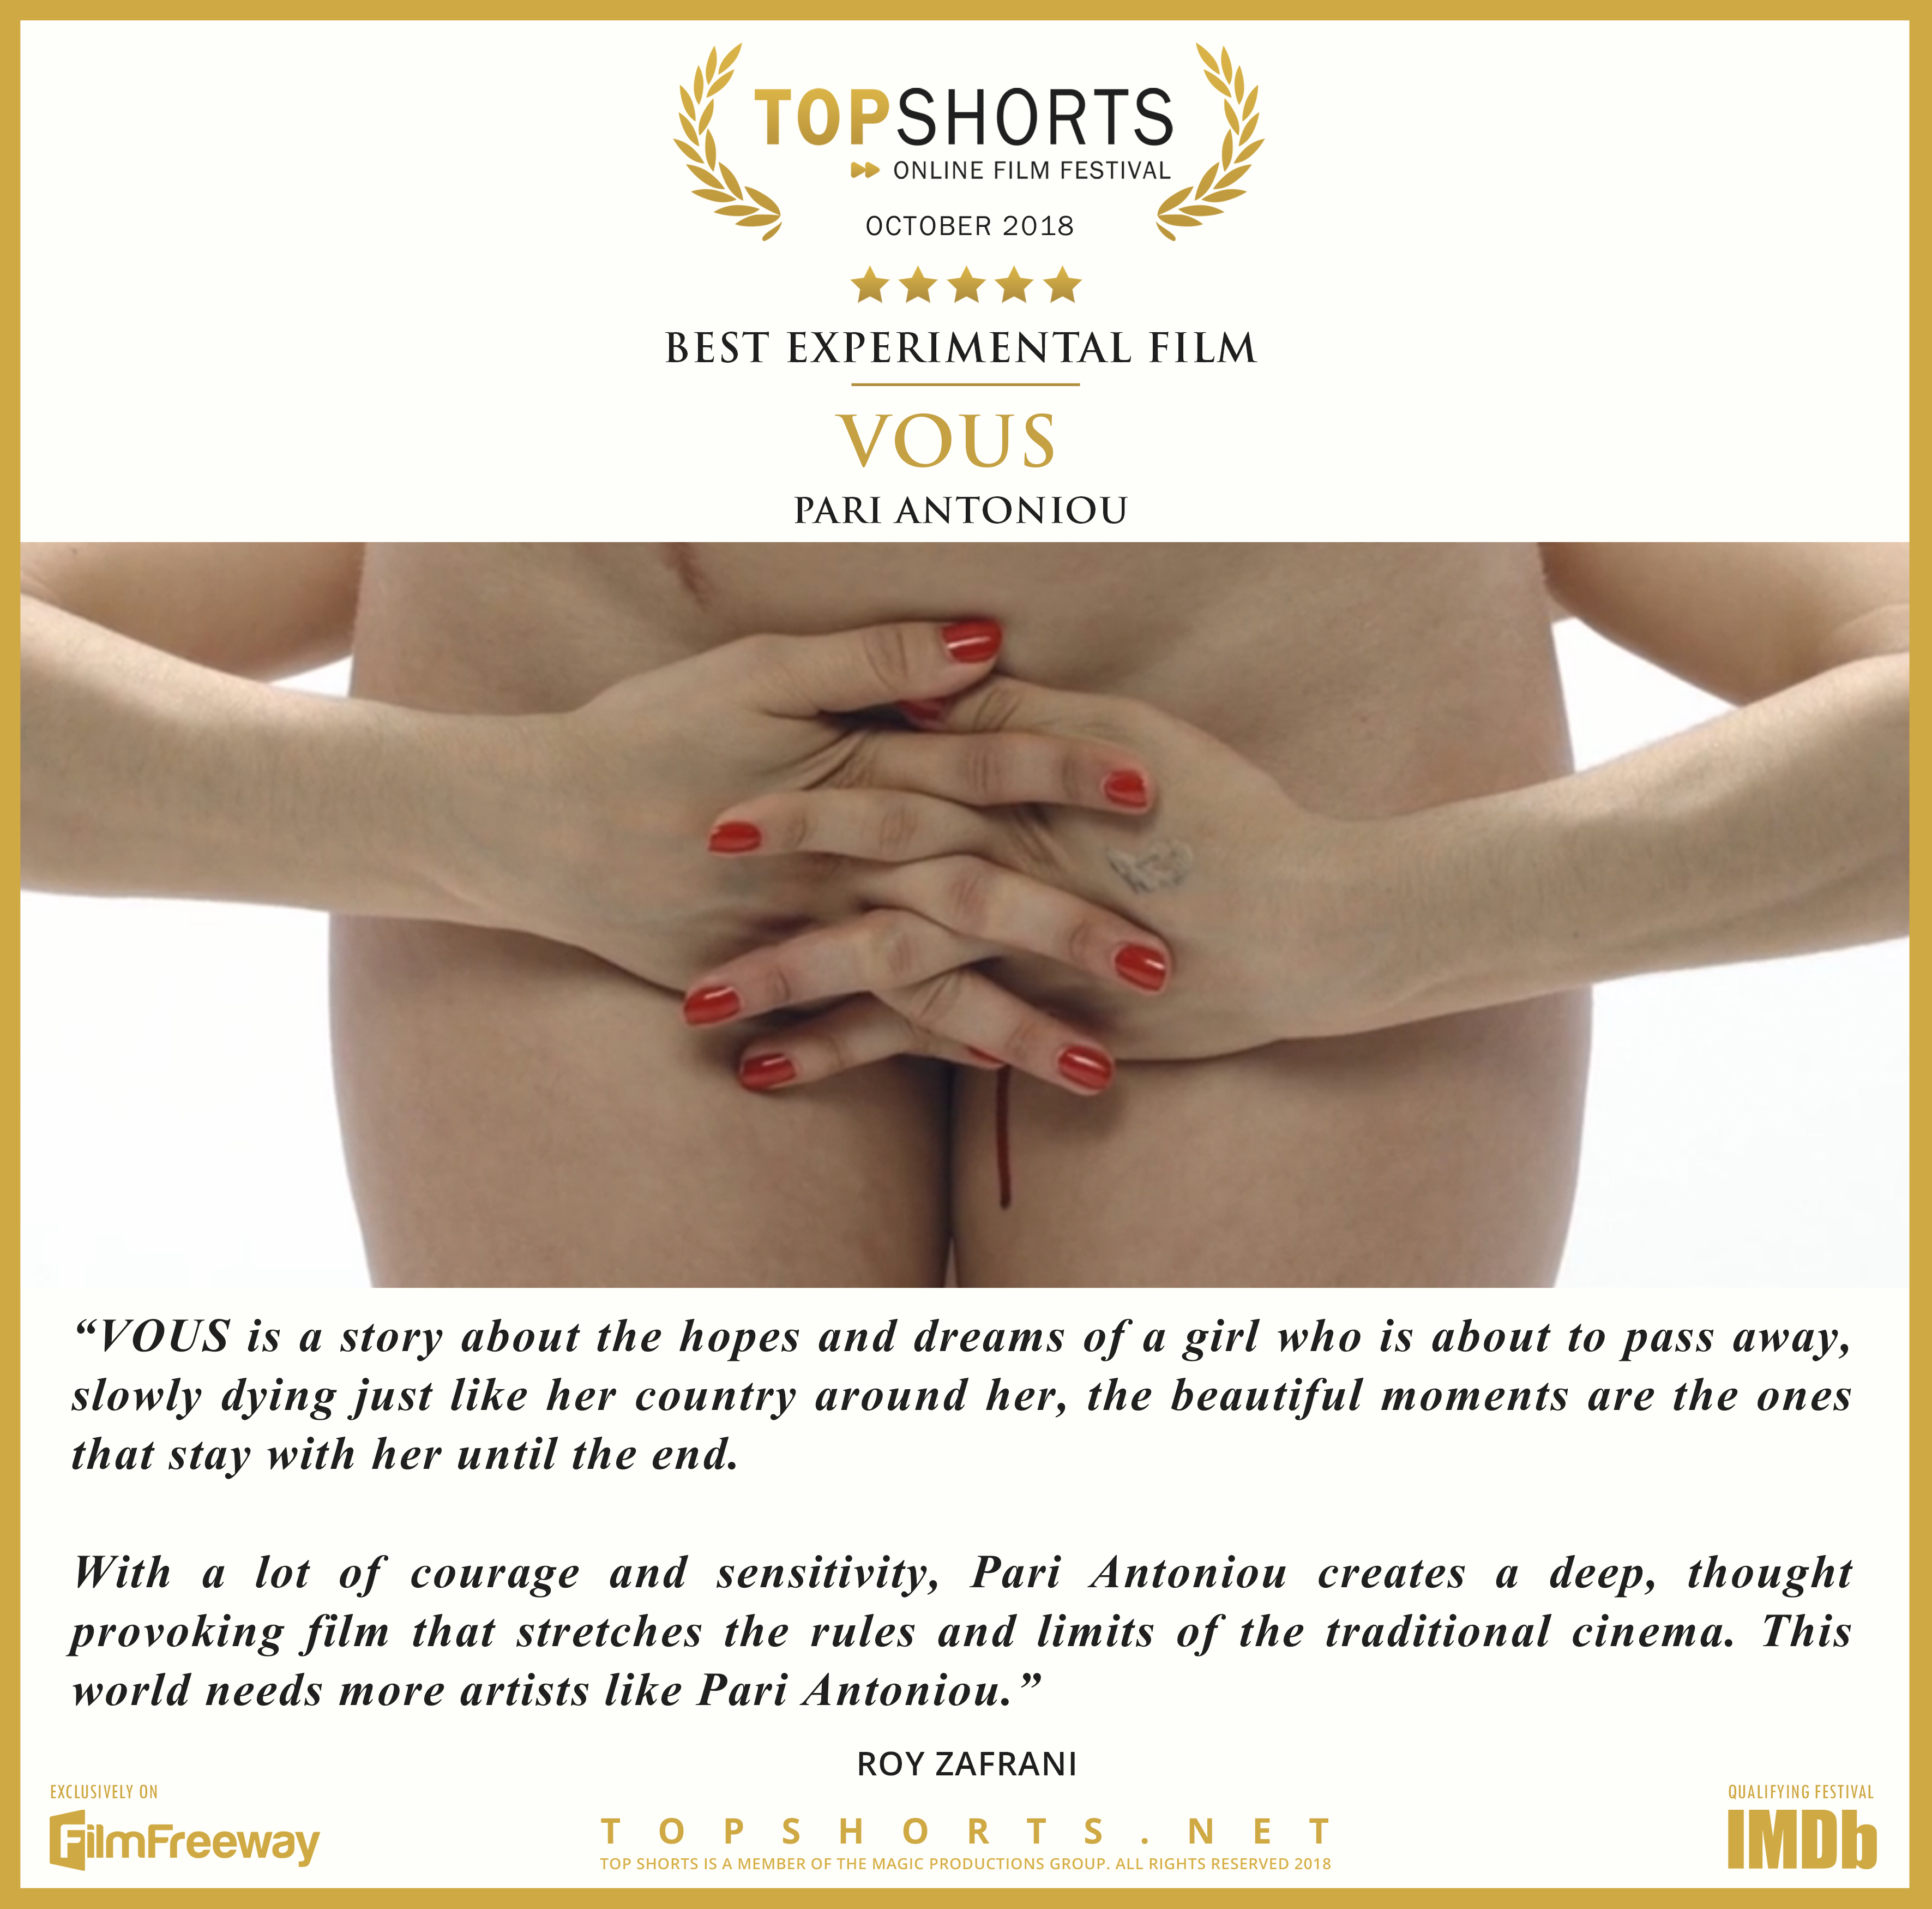 2018 10 Best Experimental Film - Vous